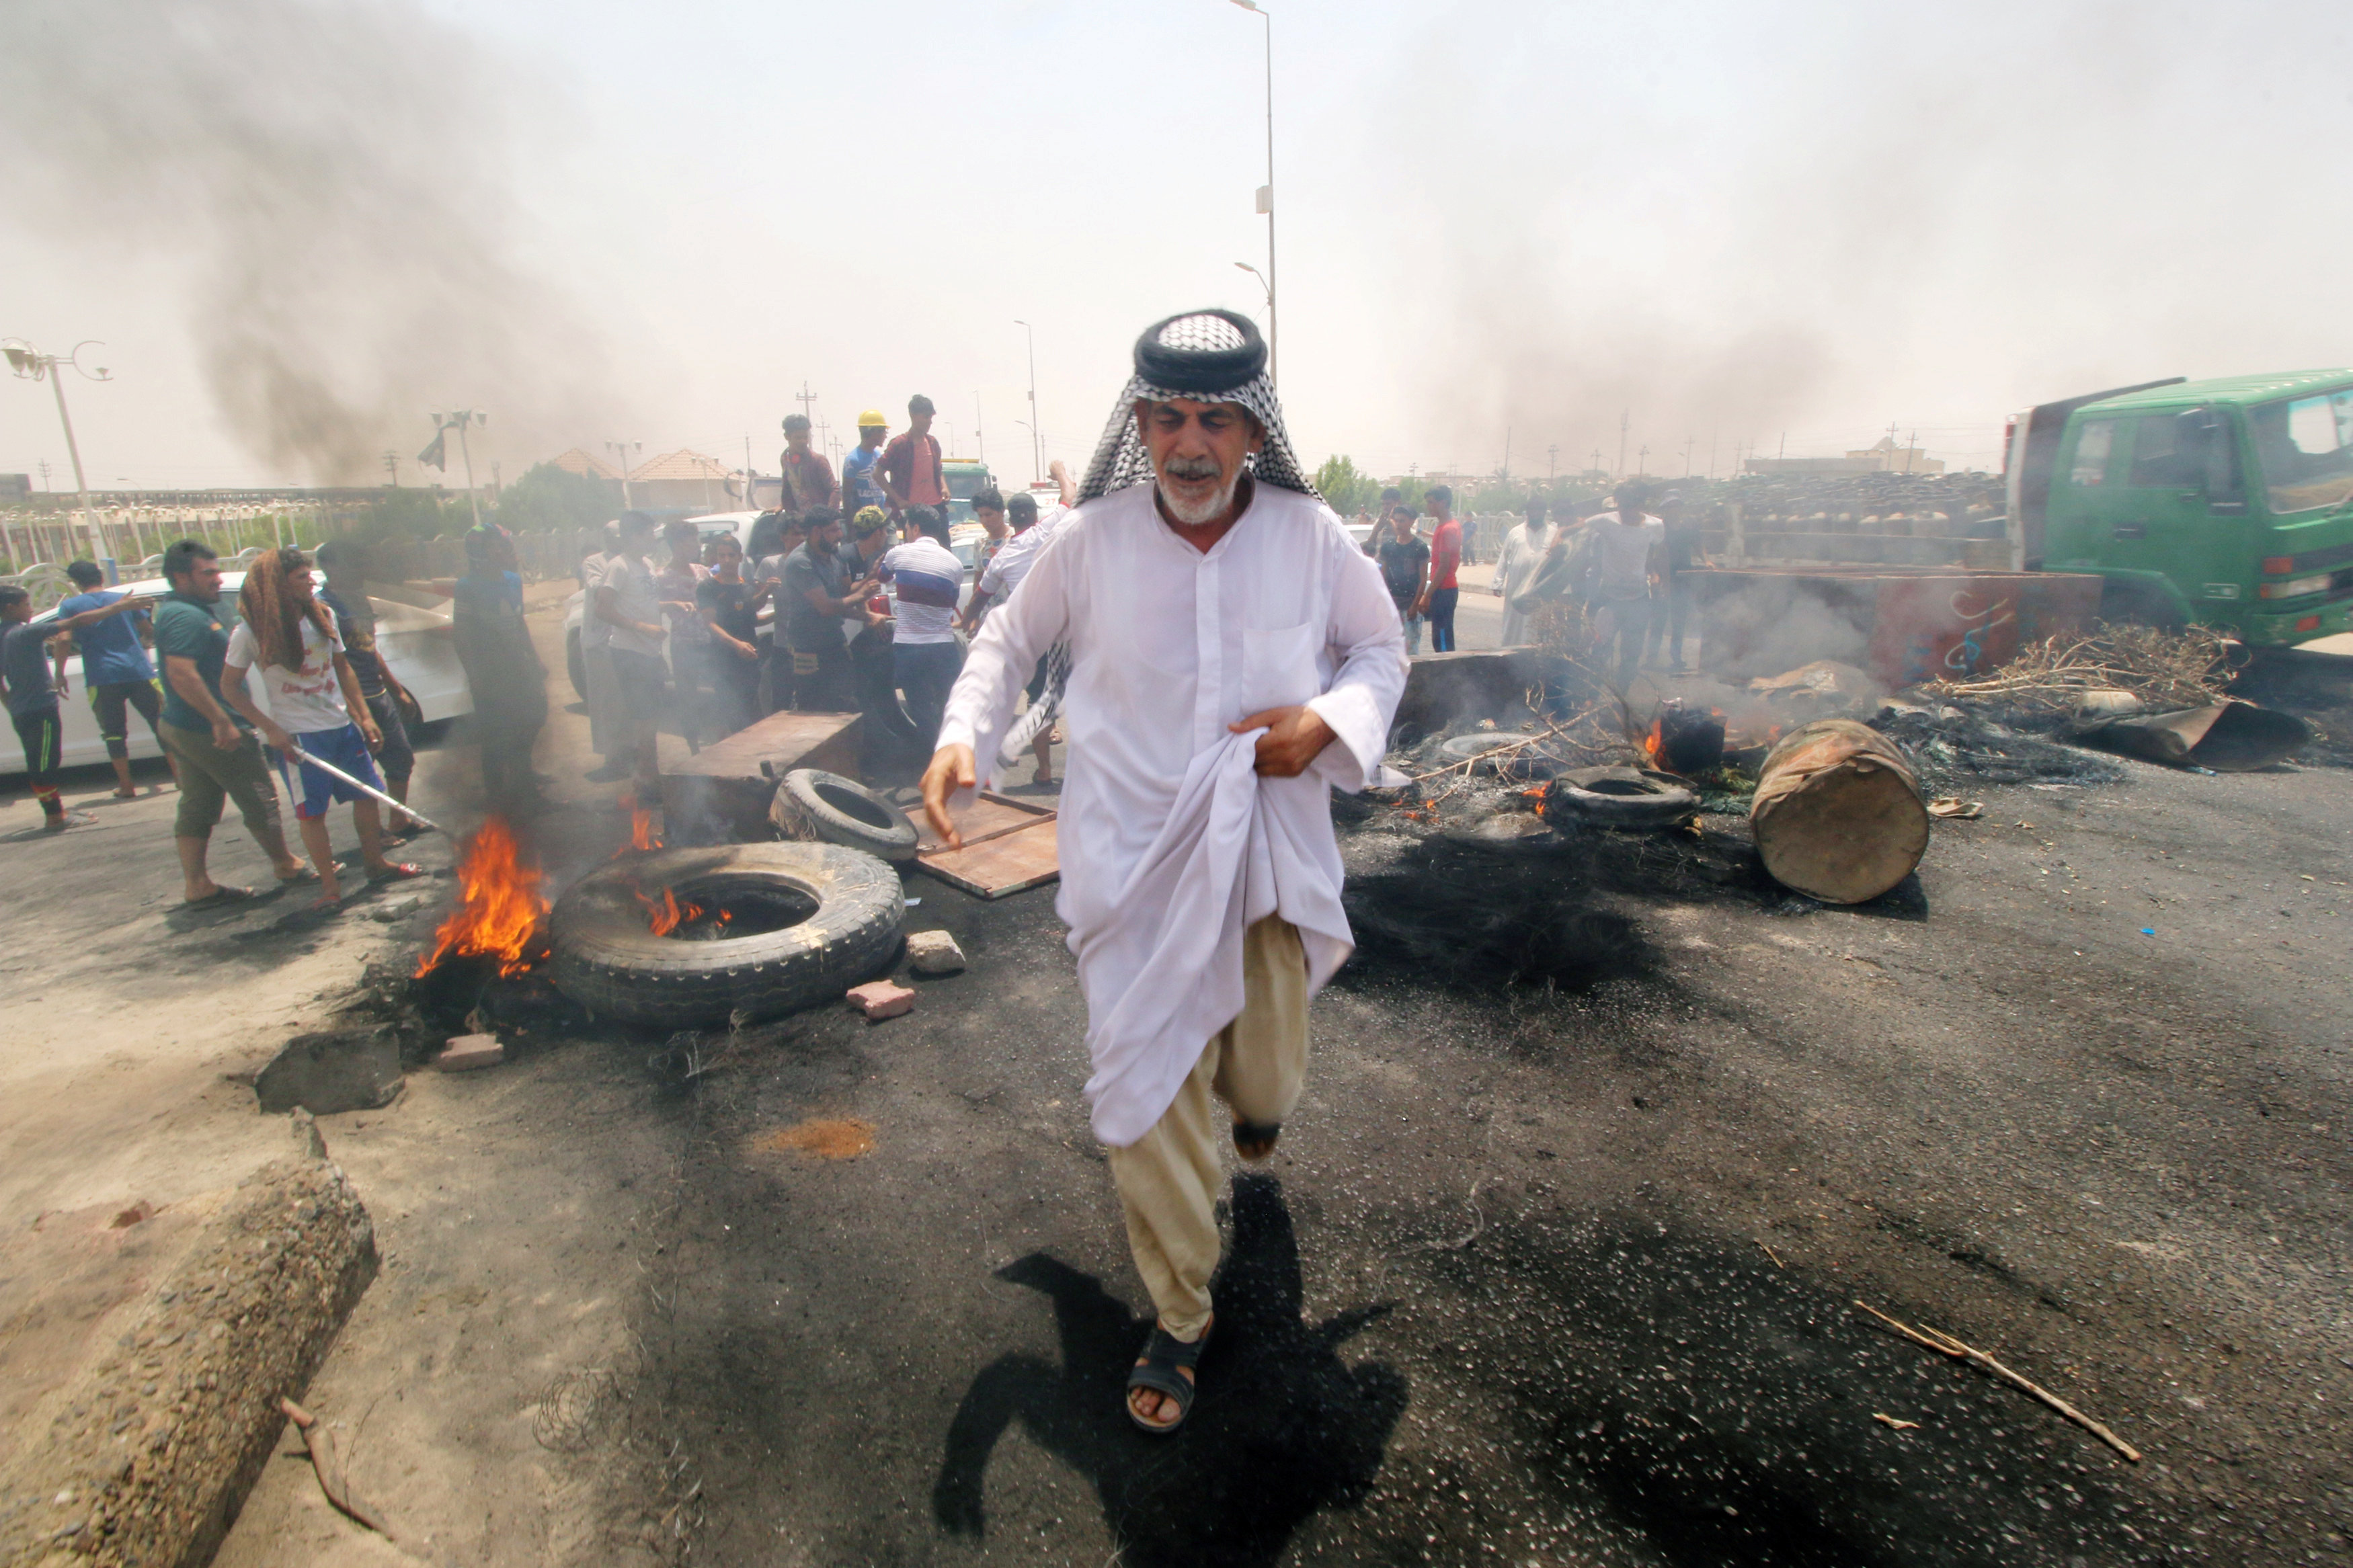 عراقى وسط الاحتجاجات